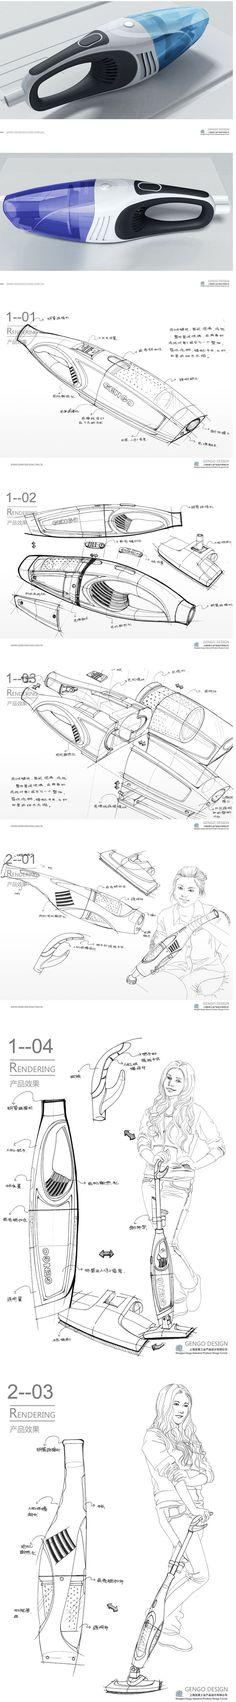 手持式吸尘器设计项目 电子产品 工业/产...